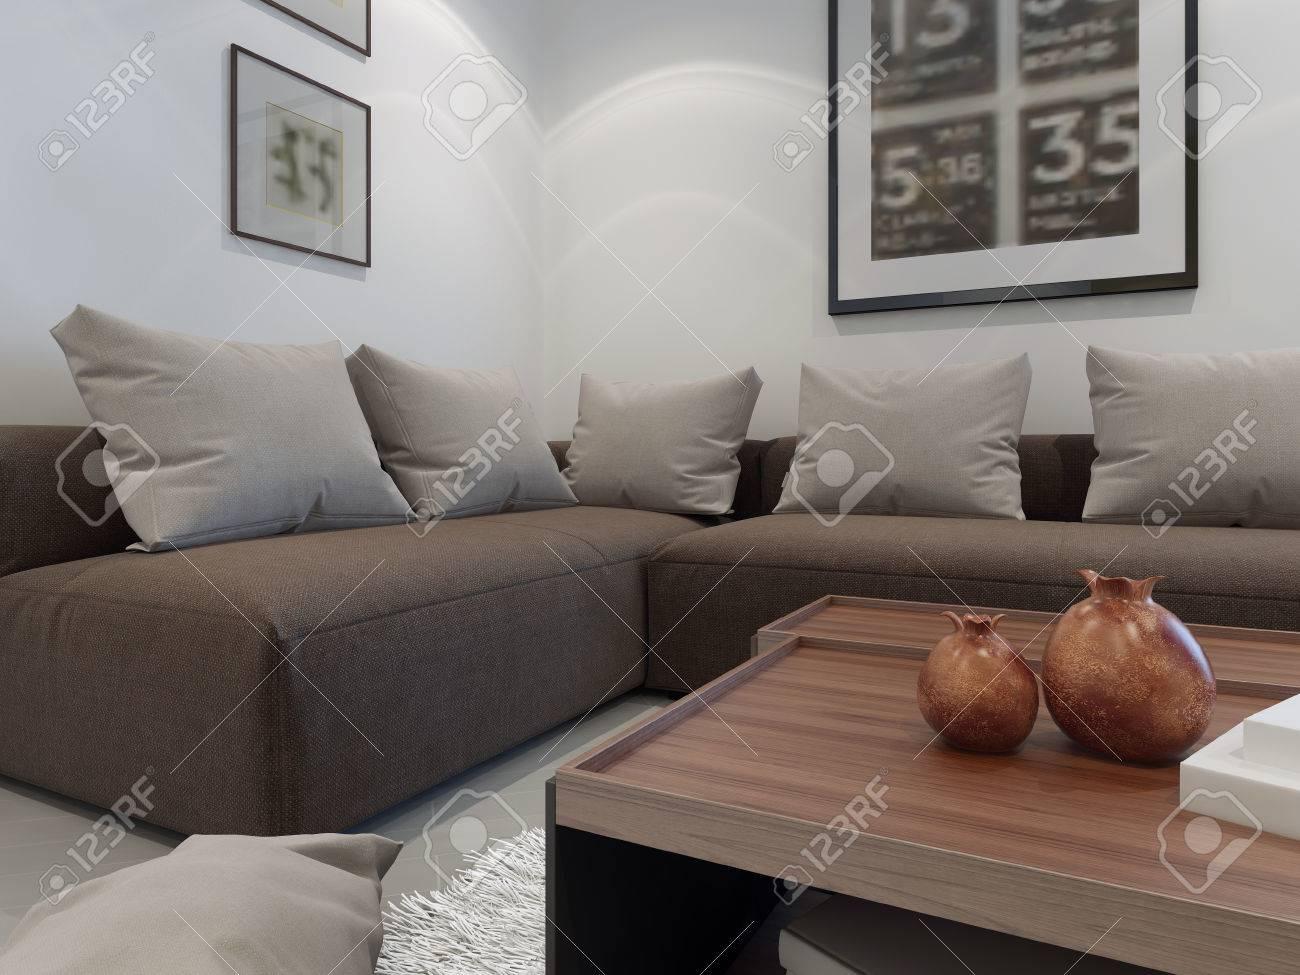 Polstermöbel Im Inneren Eines Privathauses Cornes Sofa Mit Hellgrau